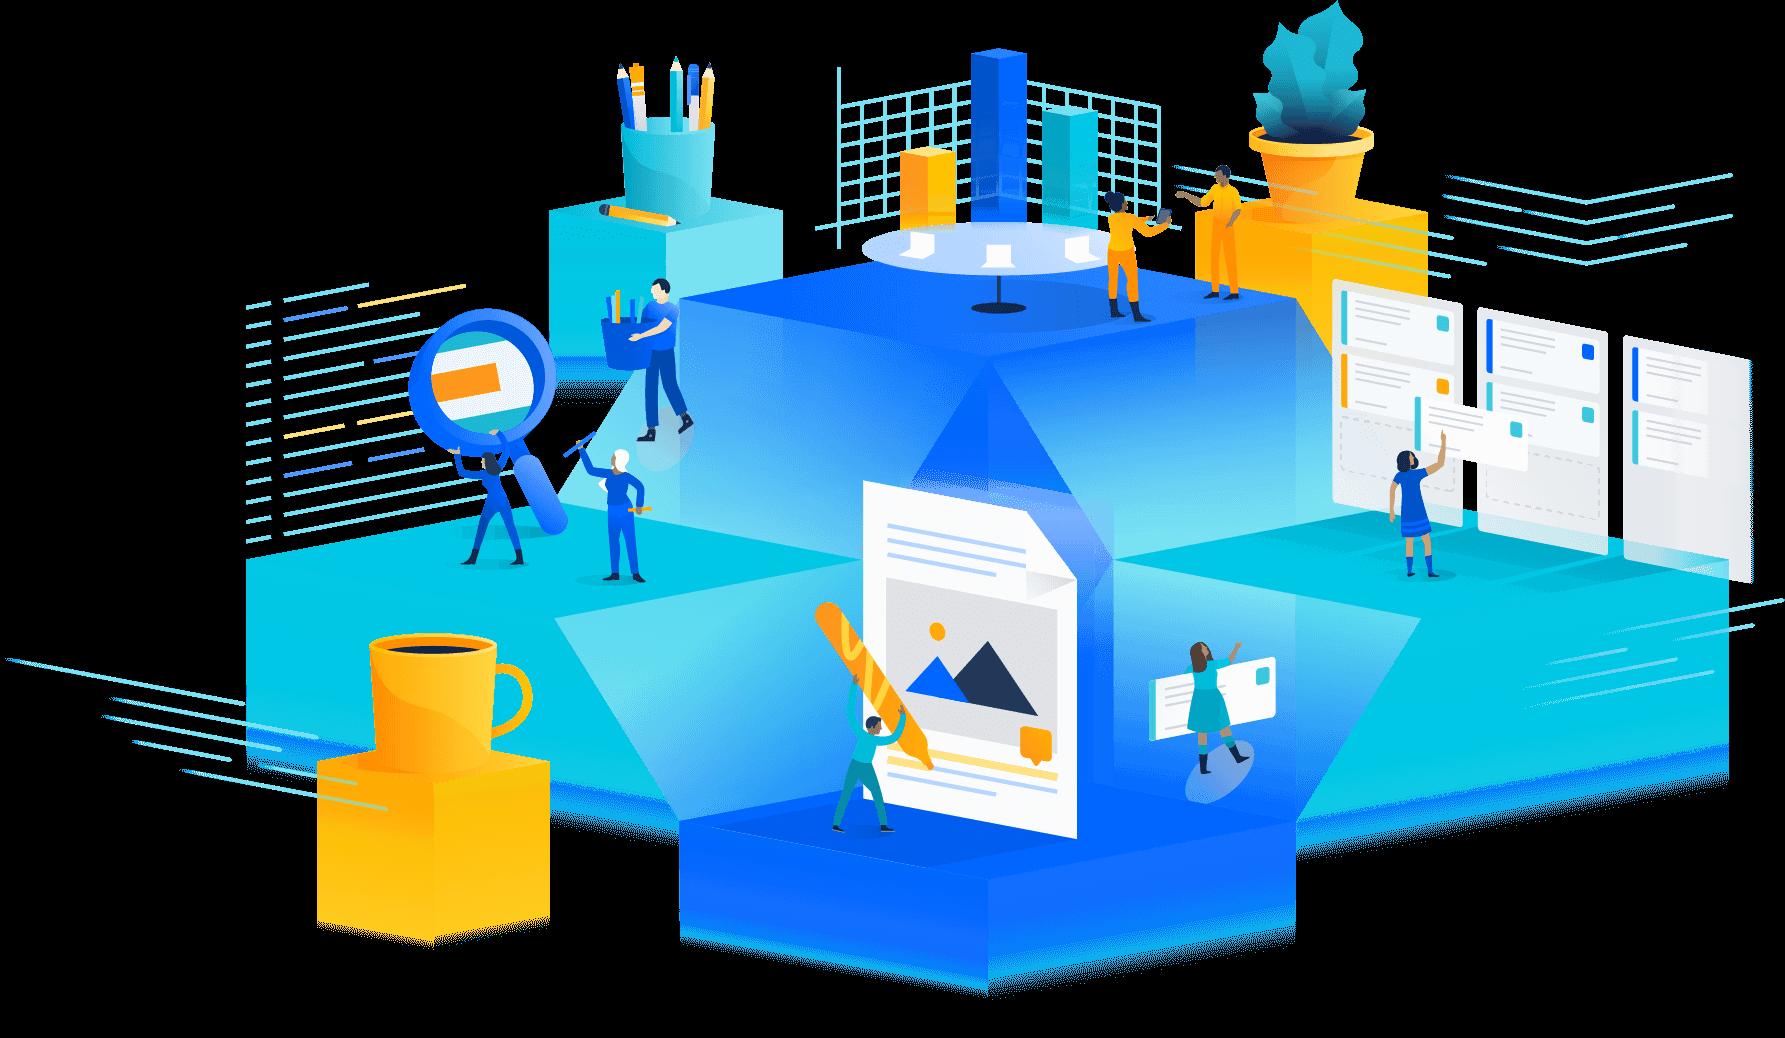 La suite Atlassian<br />connecte toutes<br />vos équipes